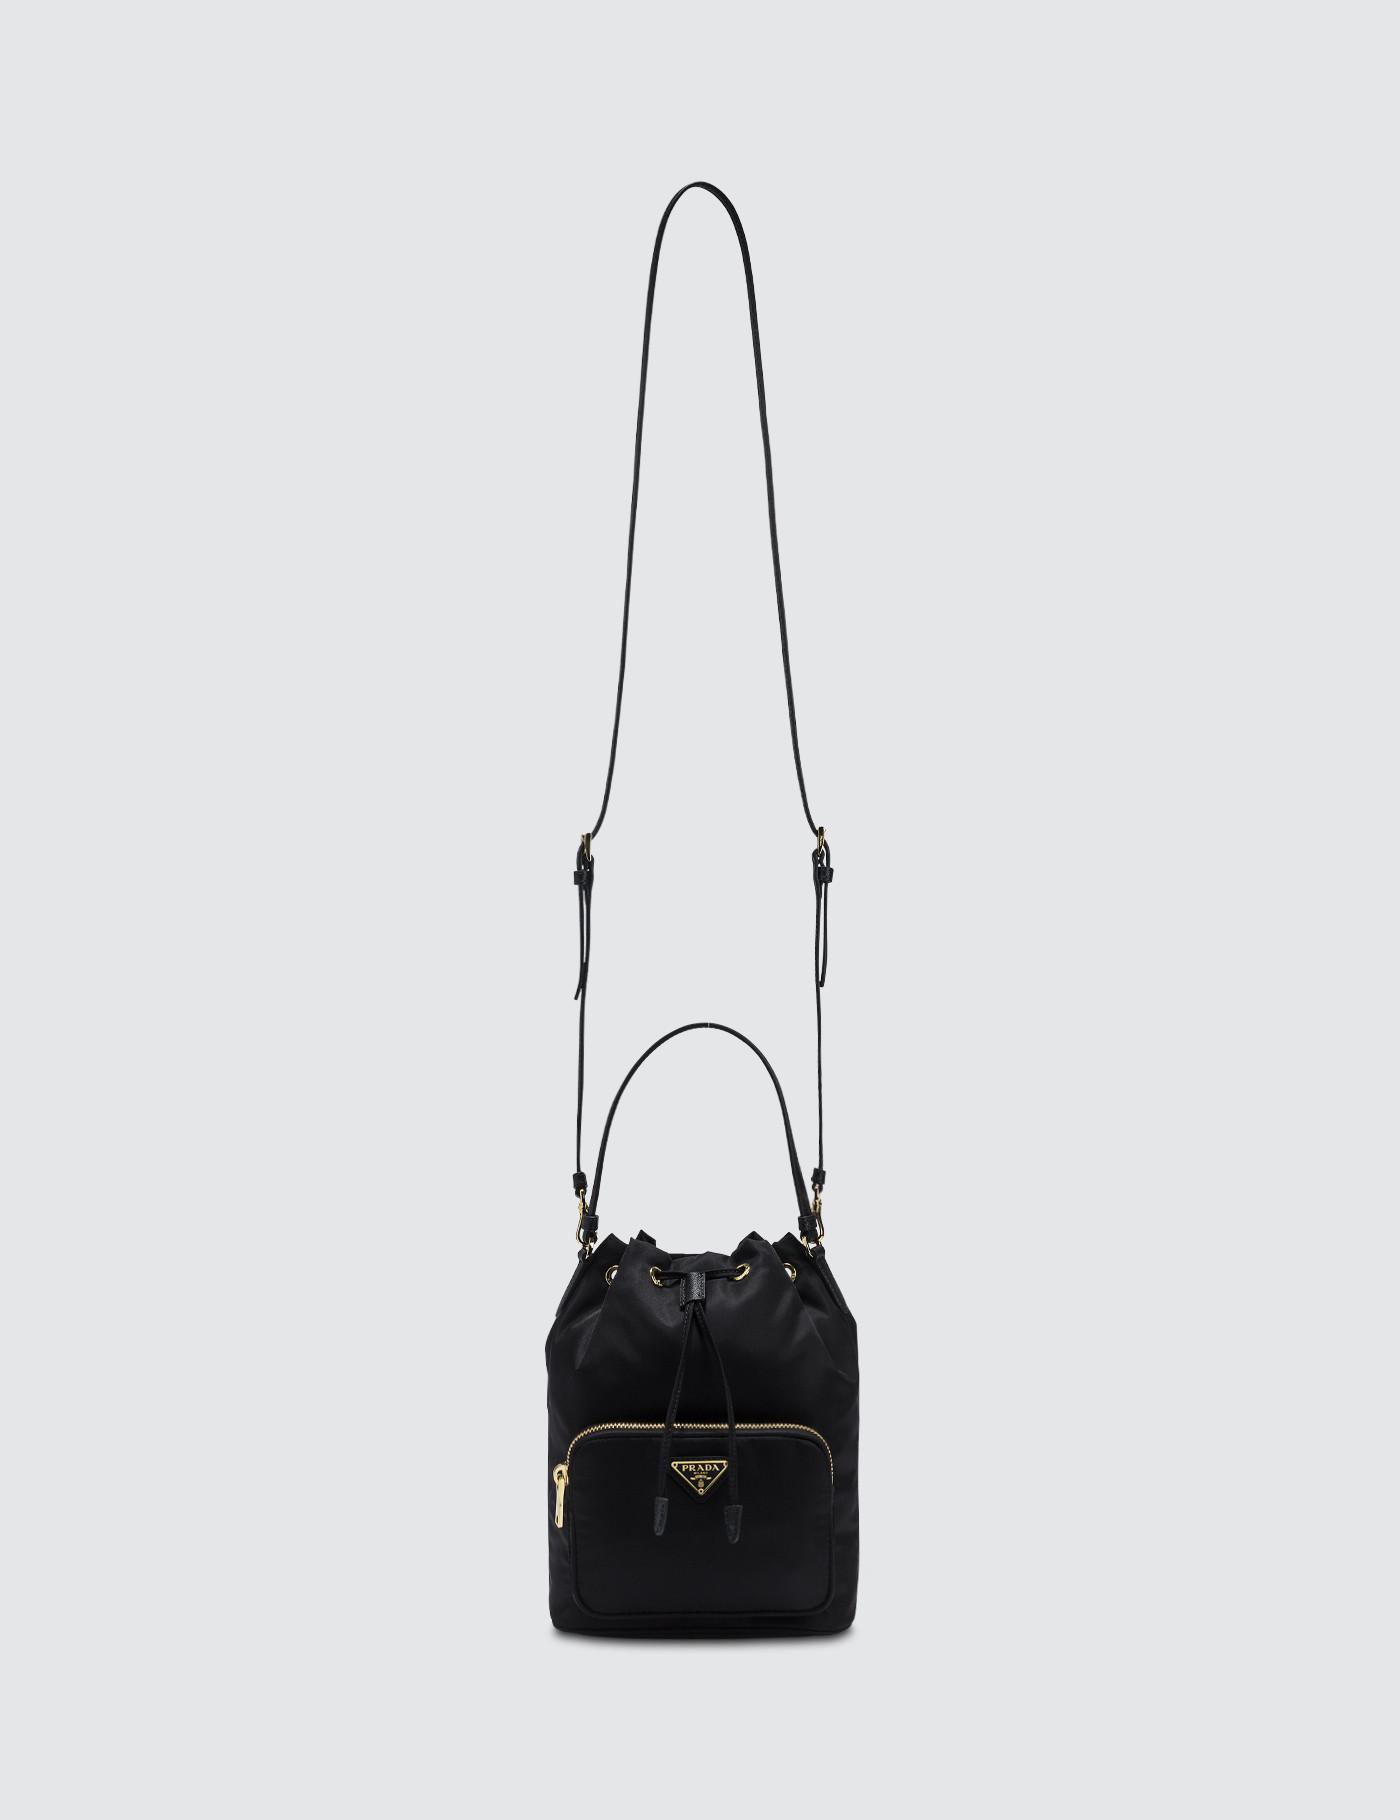 46cea824a7 Prada Bandoliera Leather Bag in Black - Lyst